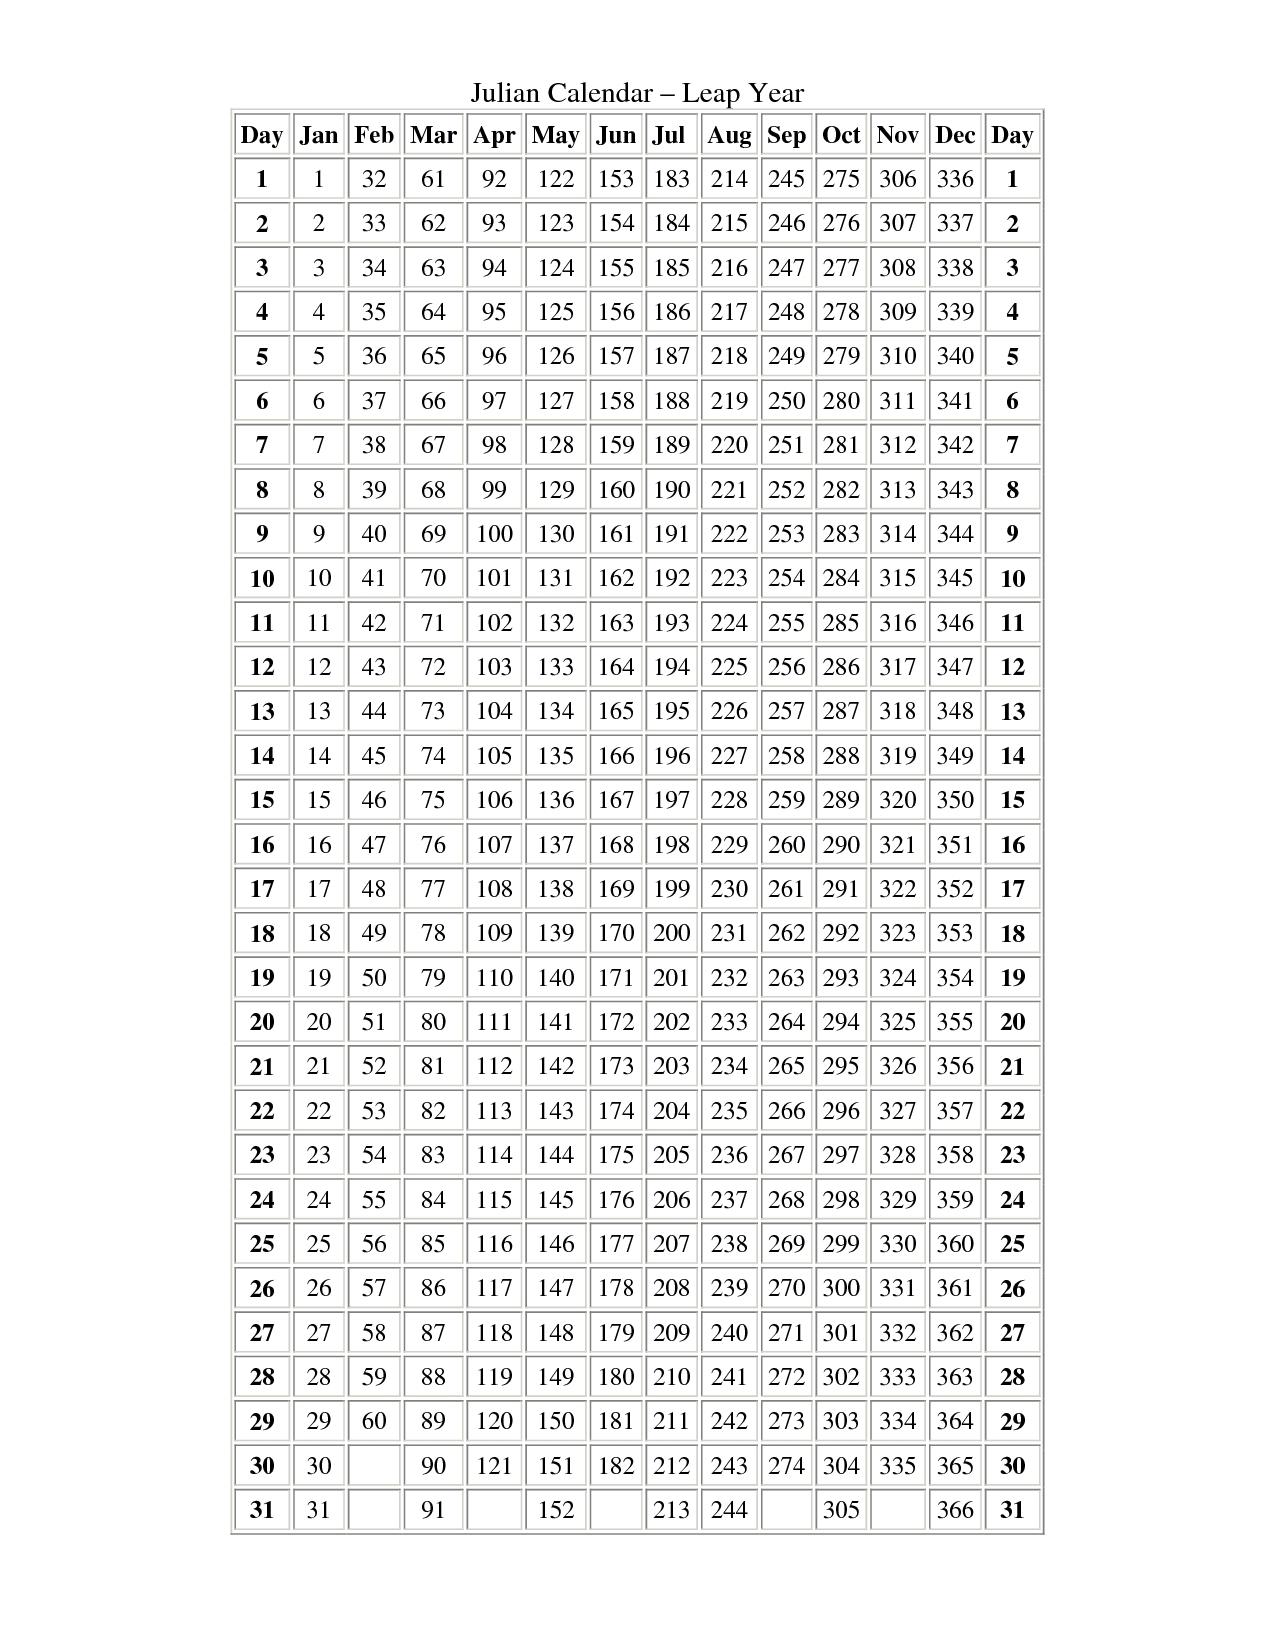 Julian Calendar No Leap Year | Template Calendar Printable in Non Leap Year Julian Calendar